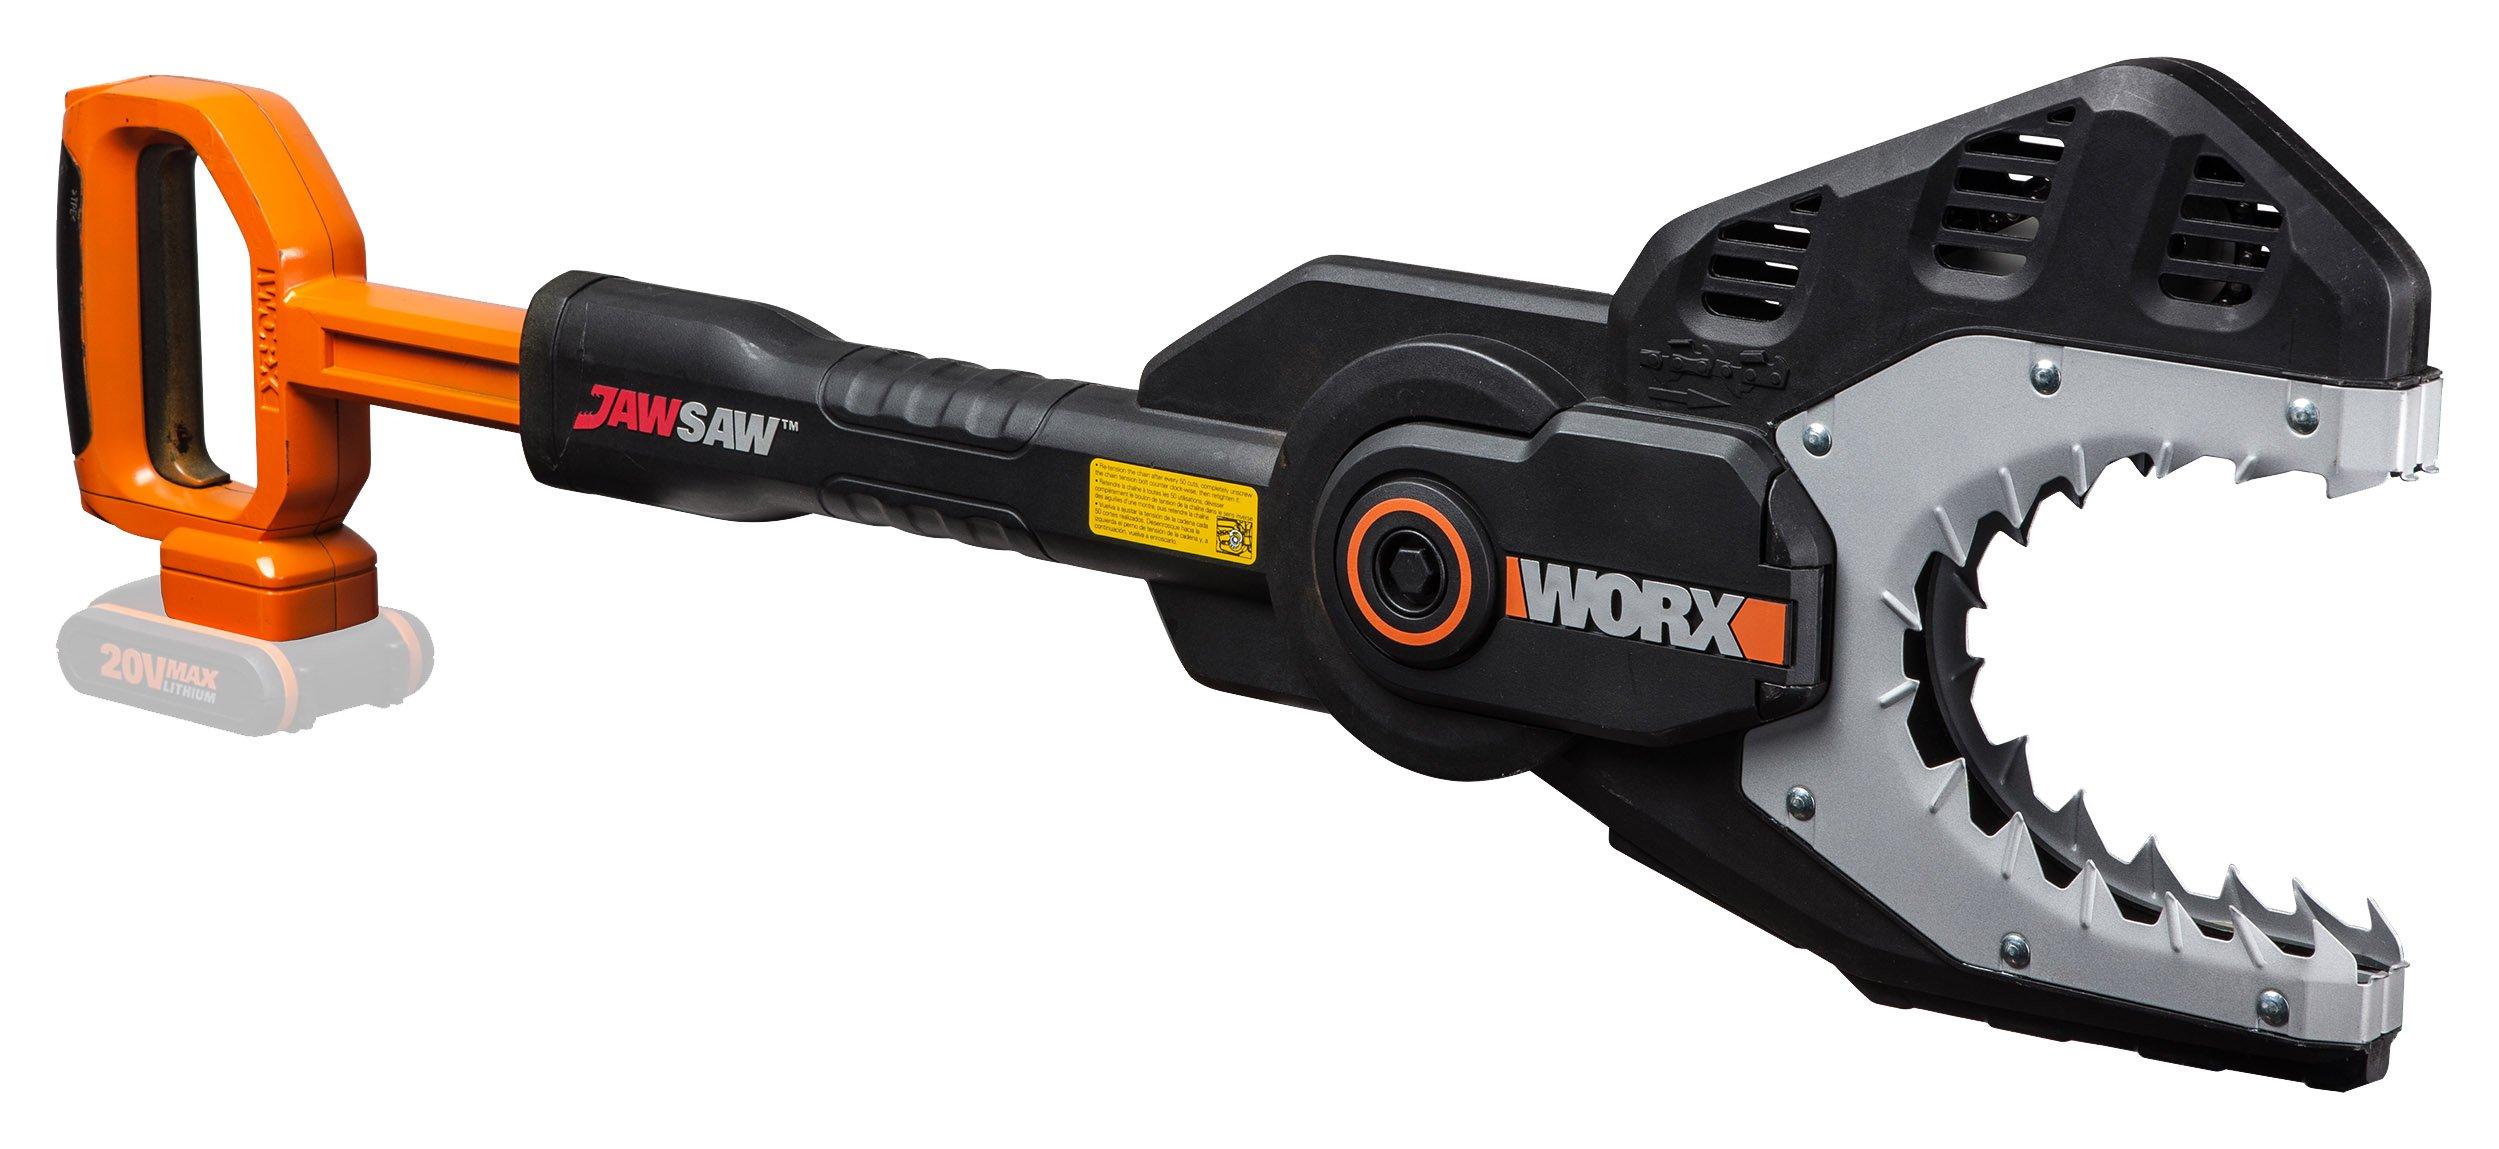 WORX-WG329E9-Kettensge-Jawsawfr-sicheres-Sgen-von-sten-auf-dem-Boden-oder-hoch-gelegen-Astsge-mit-umschlossener-Kette-Stahlzhnen-Kettenschutz-Ohne-Akku-Ladegert